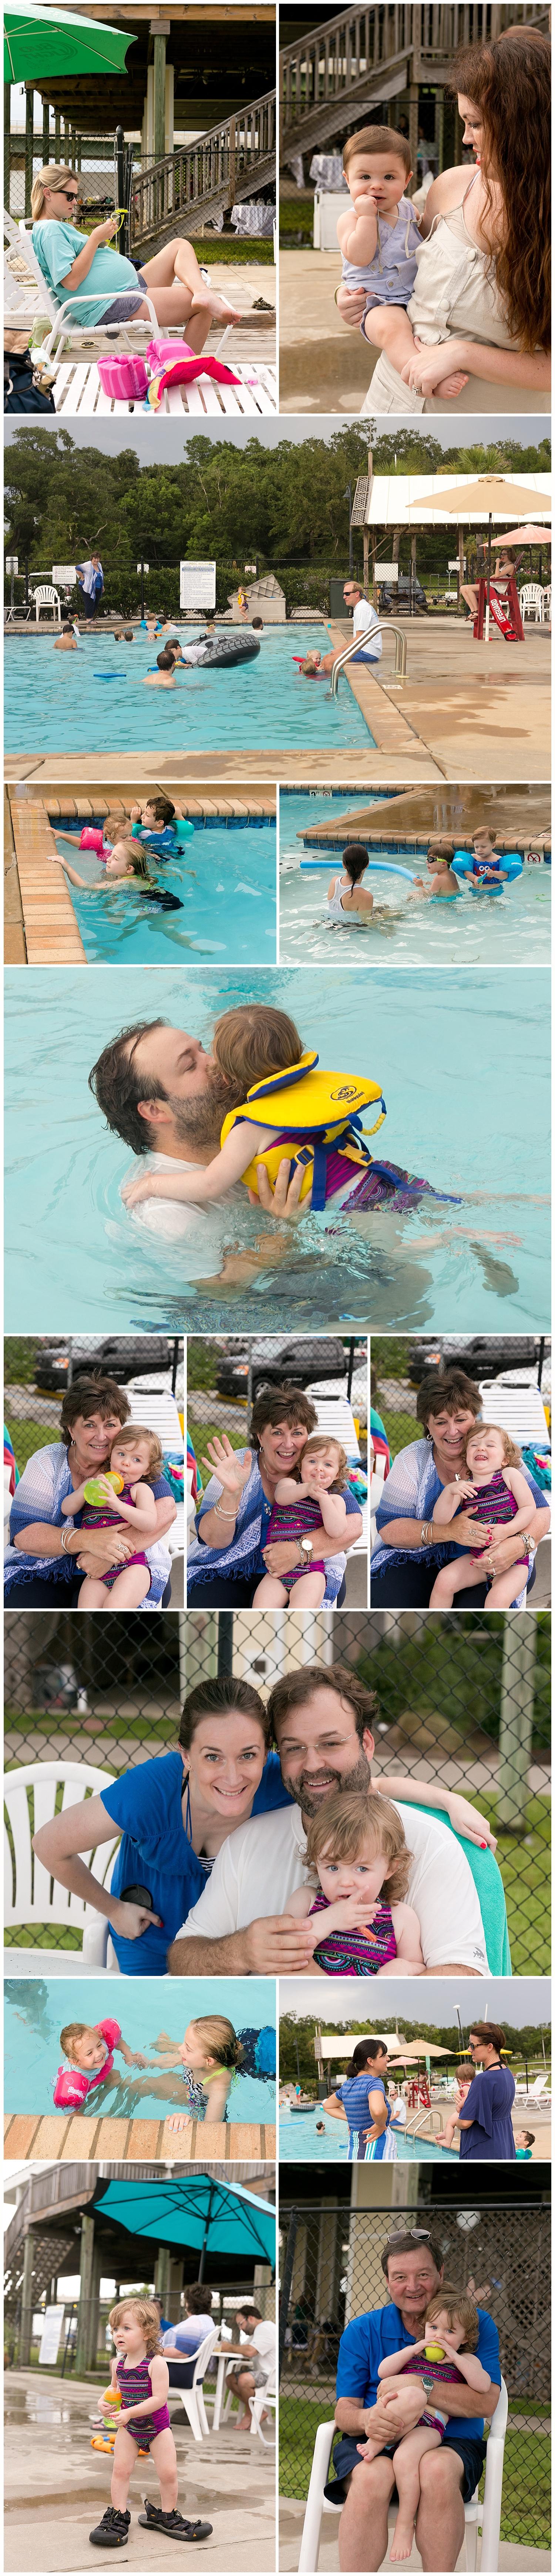 Ocean Springs yacht club kids' pool party